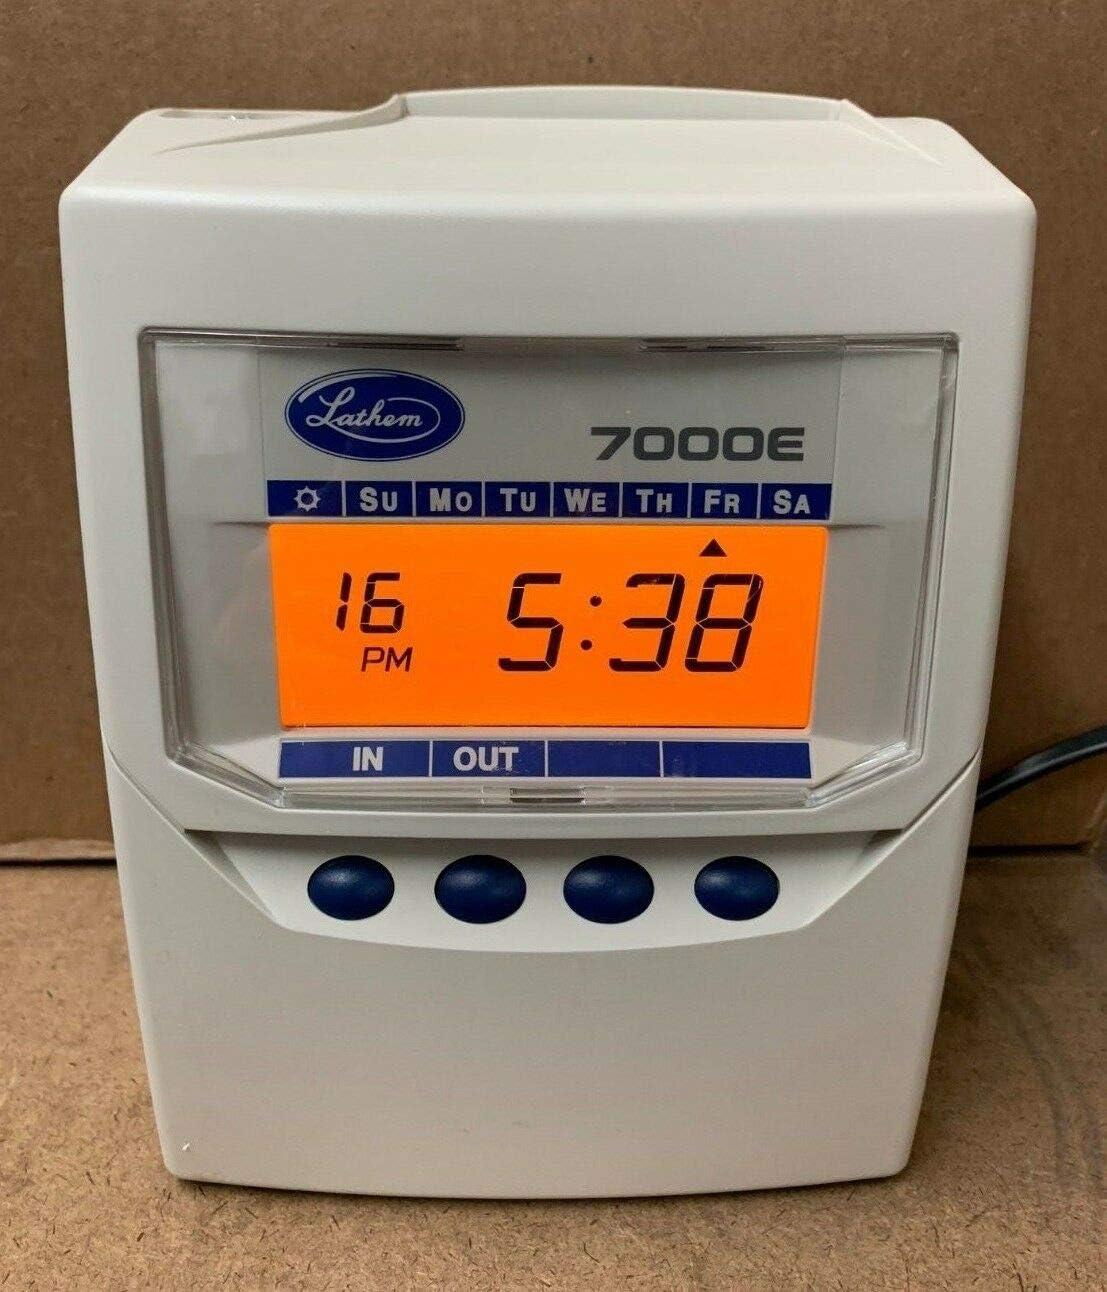 Lathem time clock 7000e user guide   manualsonline. Com.